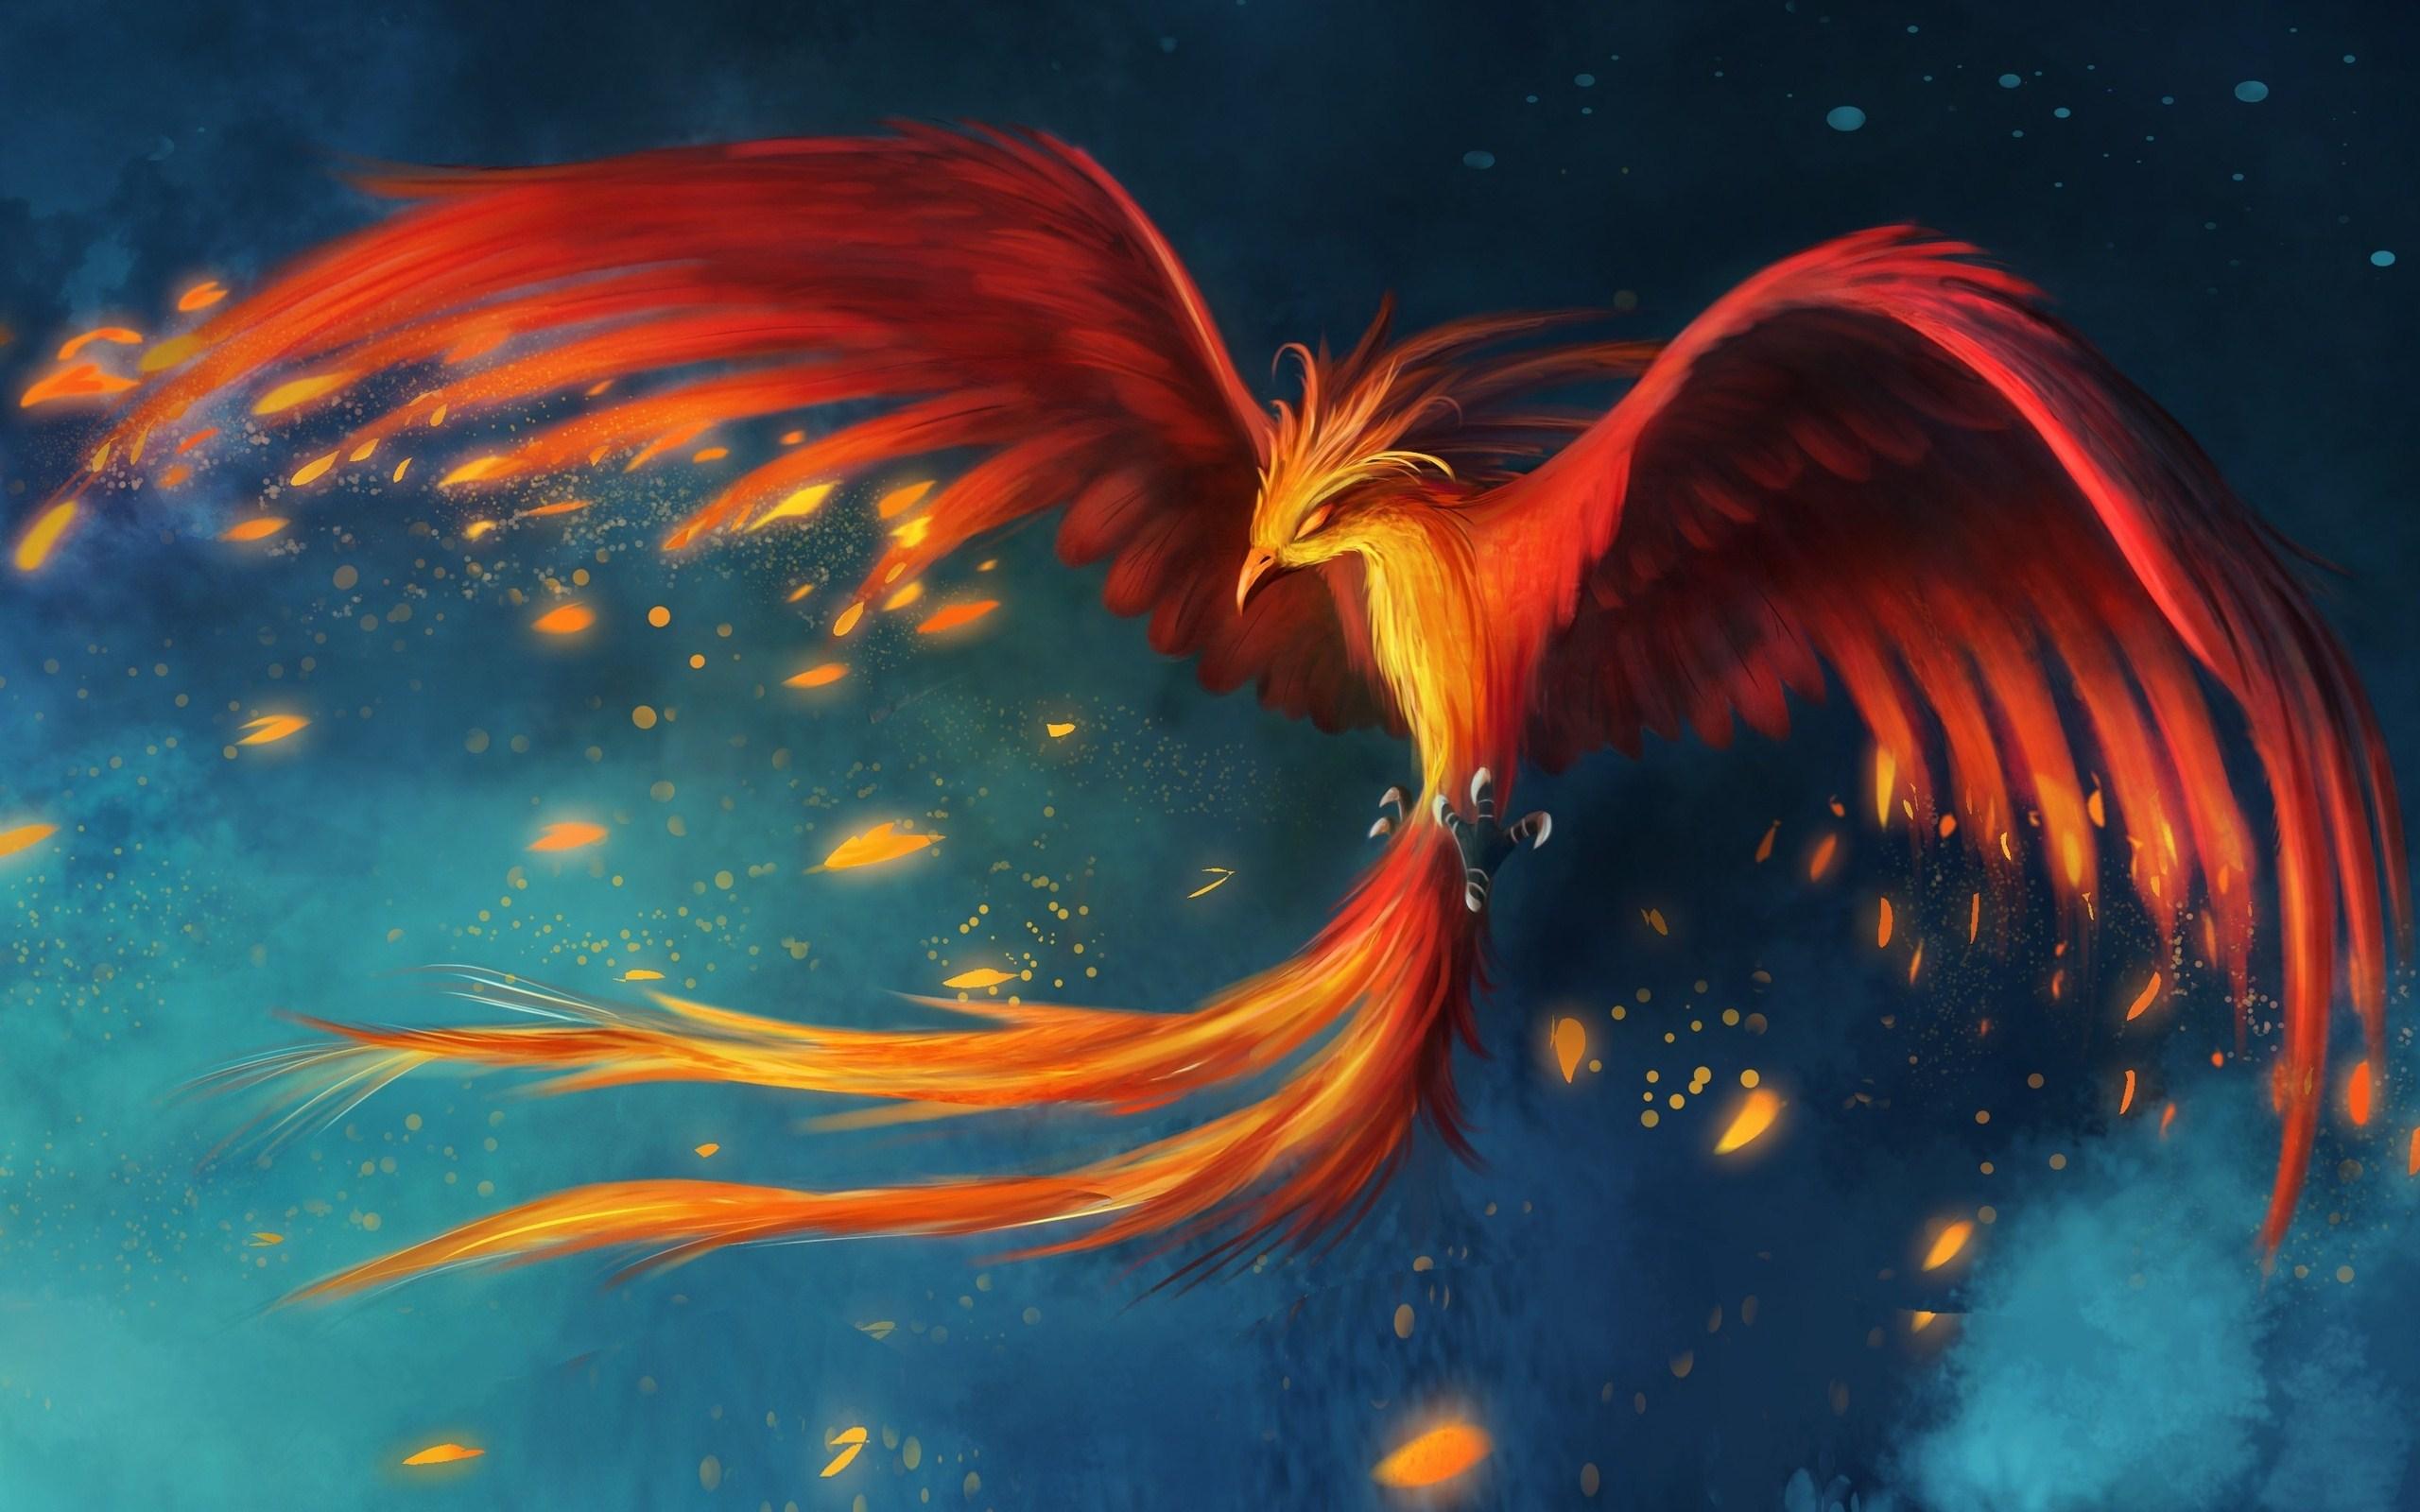 phoenix-2